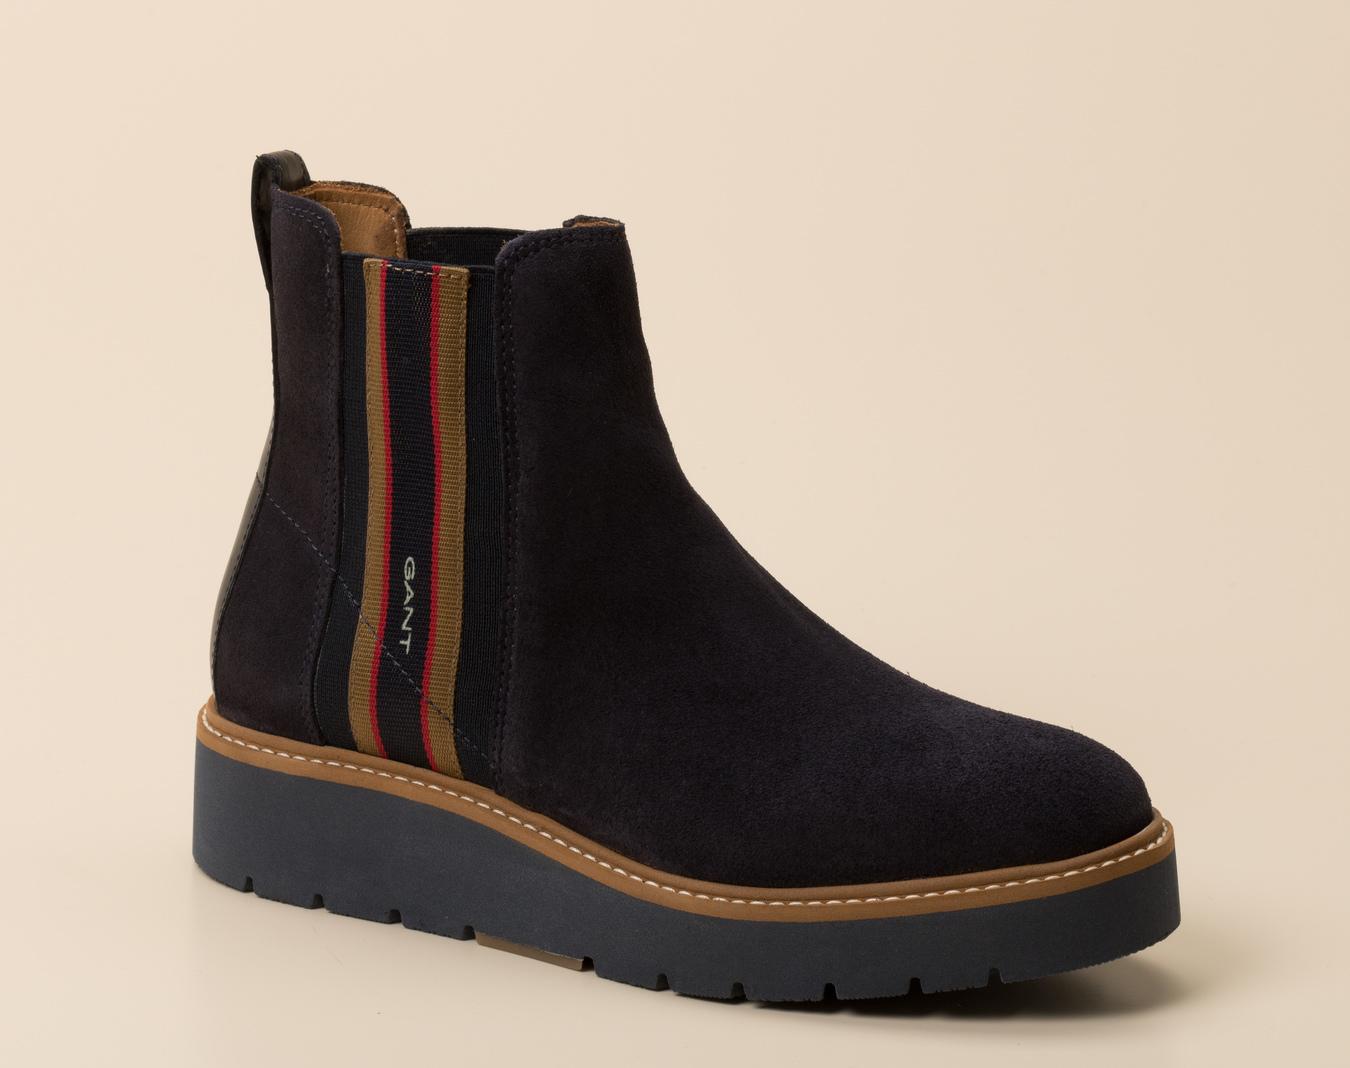 Gant Damen Chelsea Stiefelette in dunkelblau kaufen | Zumnorde Online Shop